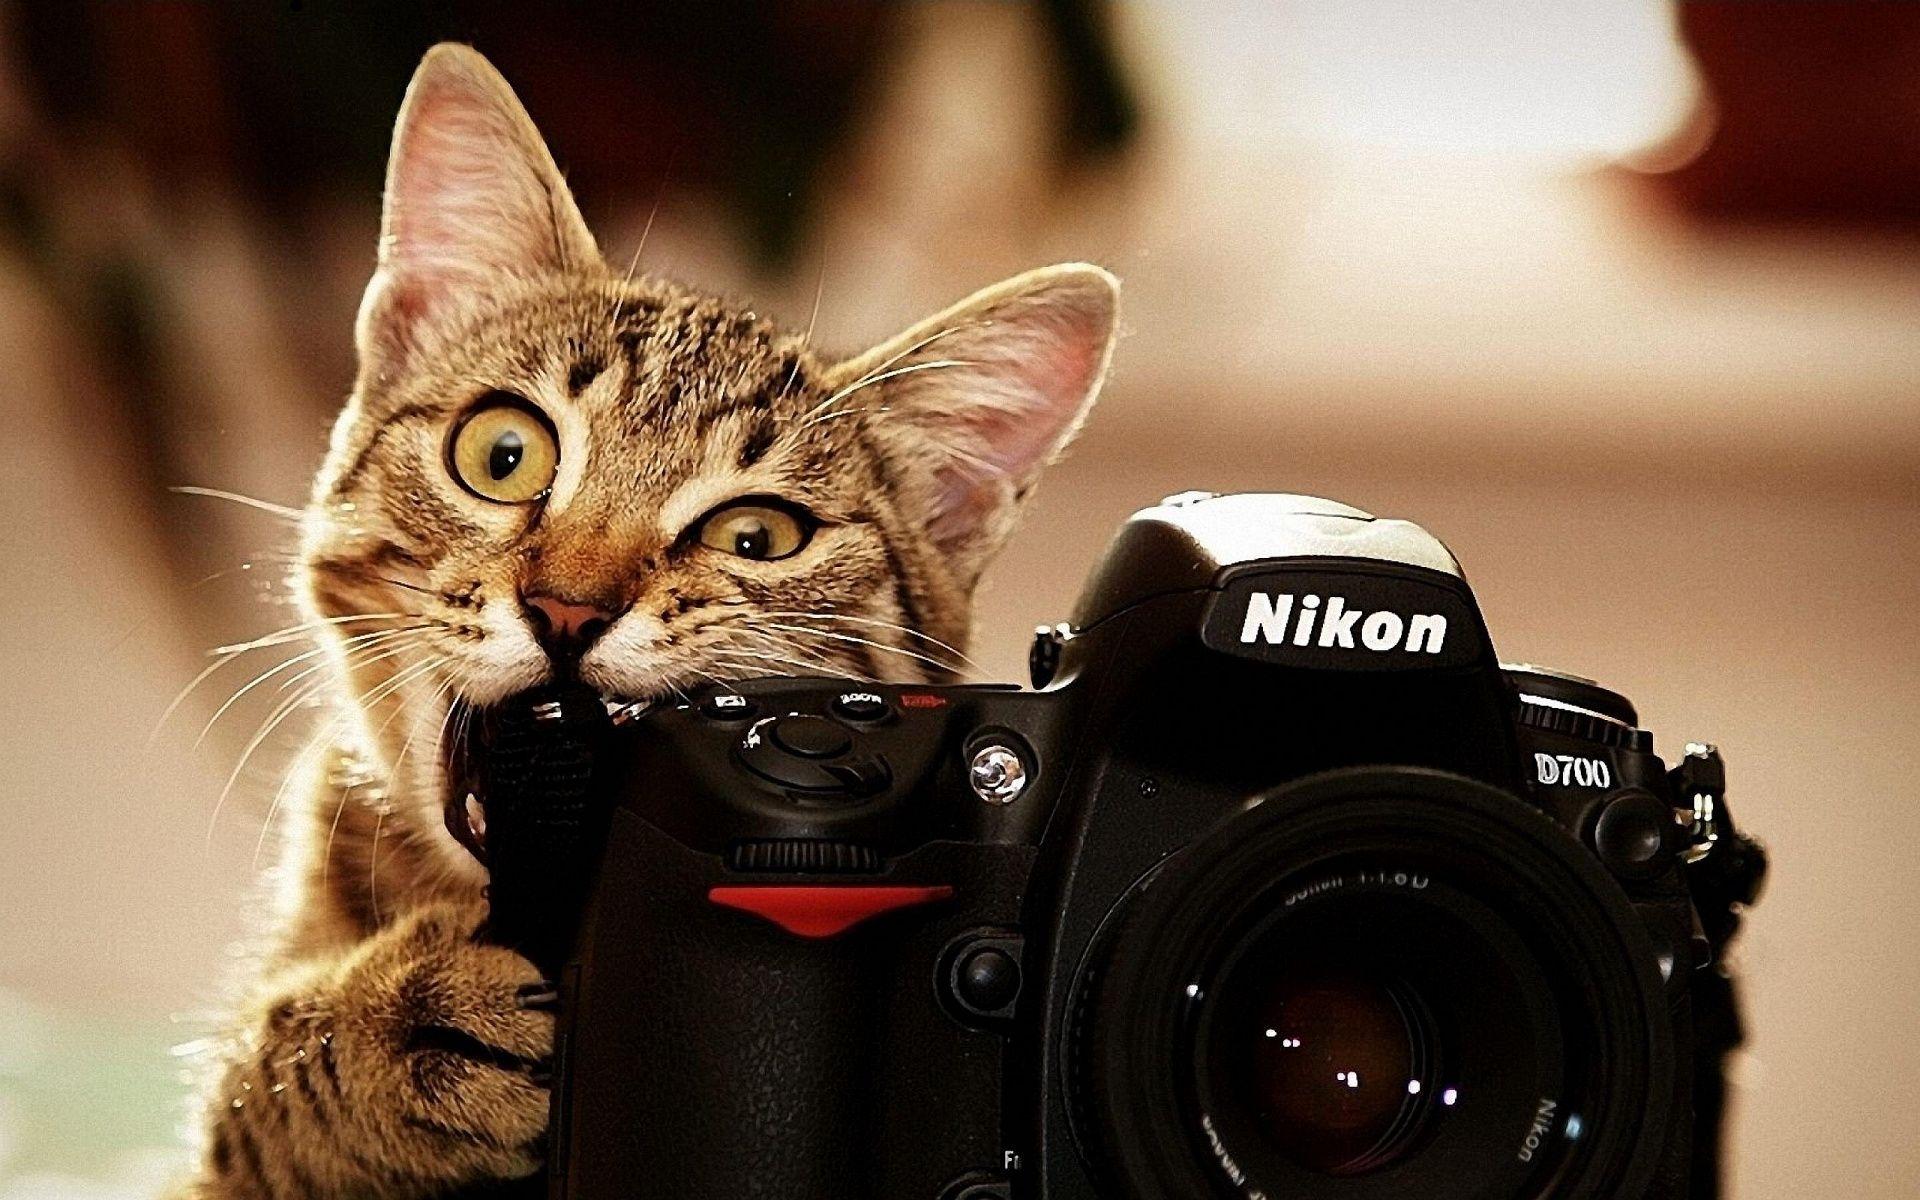 Si bien esta foto se zarpa en ternura, la verdad es que no, un gato ni tampoco muchos humanos pueden manejar una DSLR